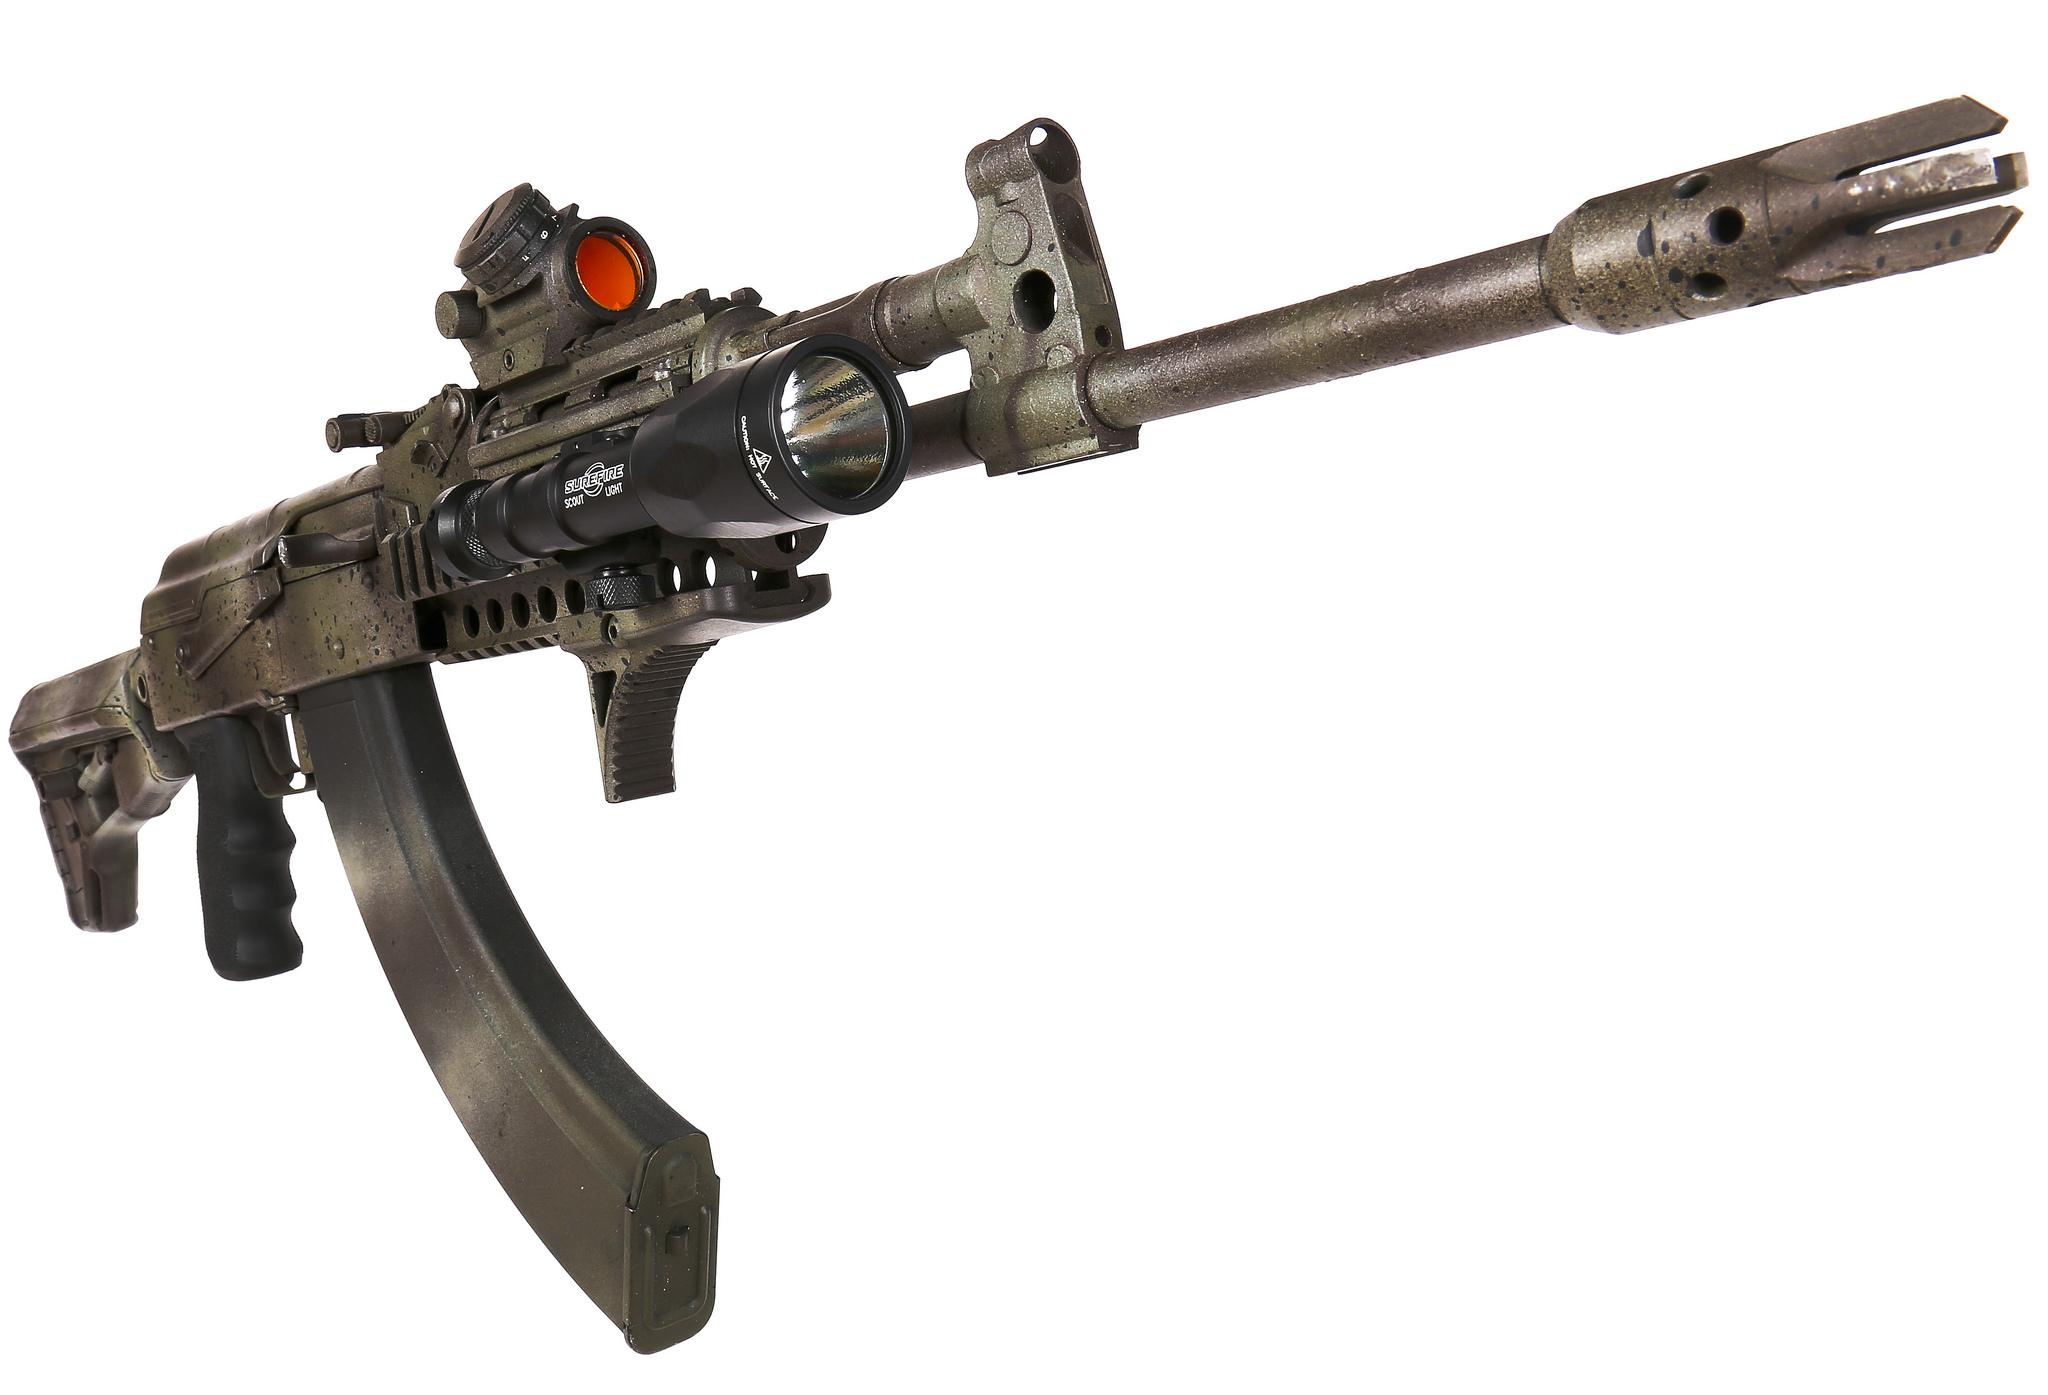 63 AK 47 HD Wallpapers